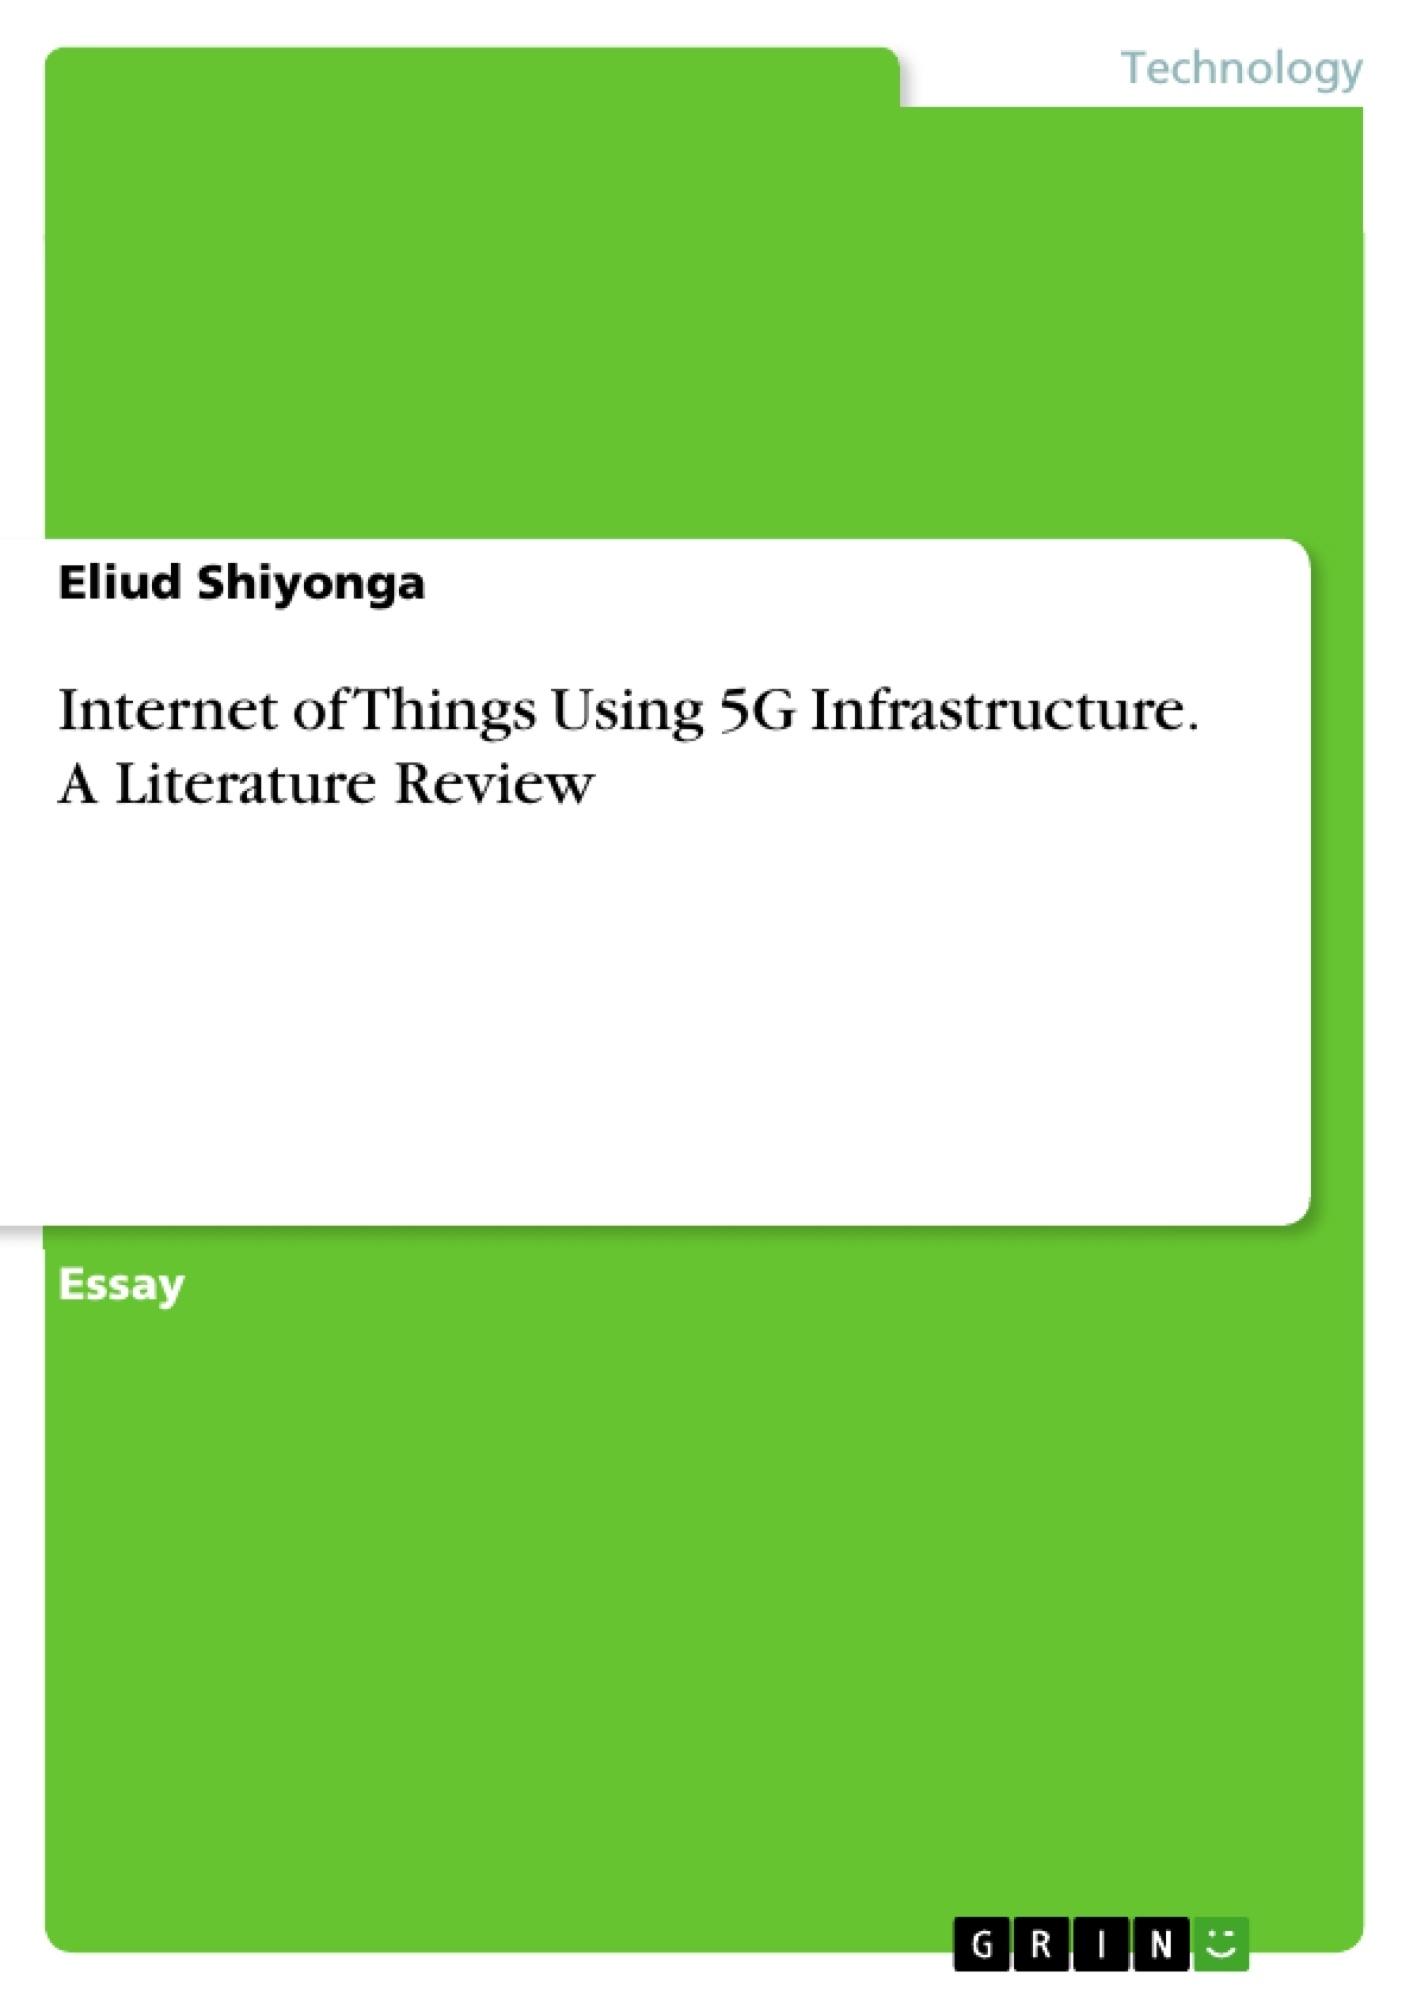 Publish literature review